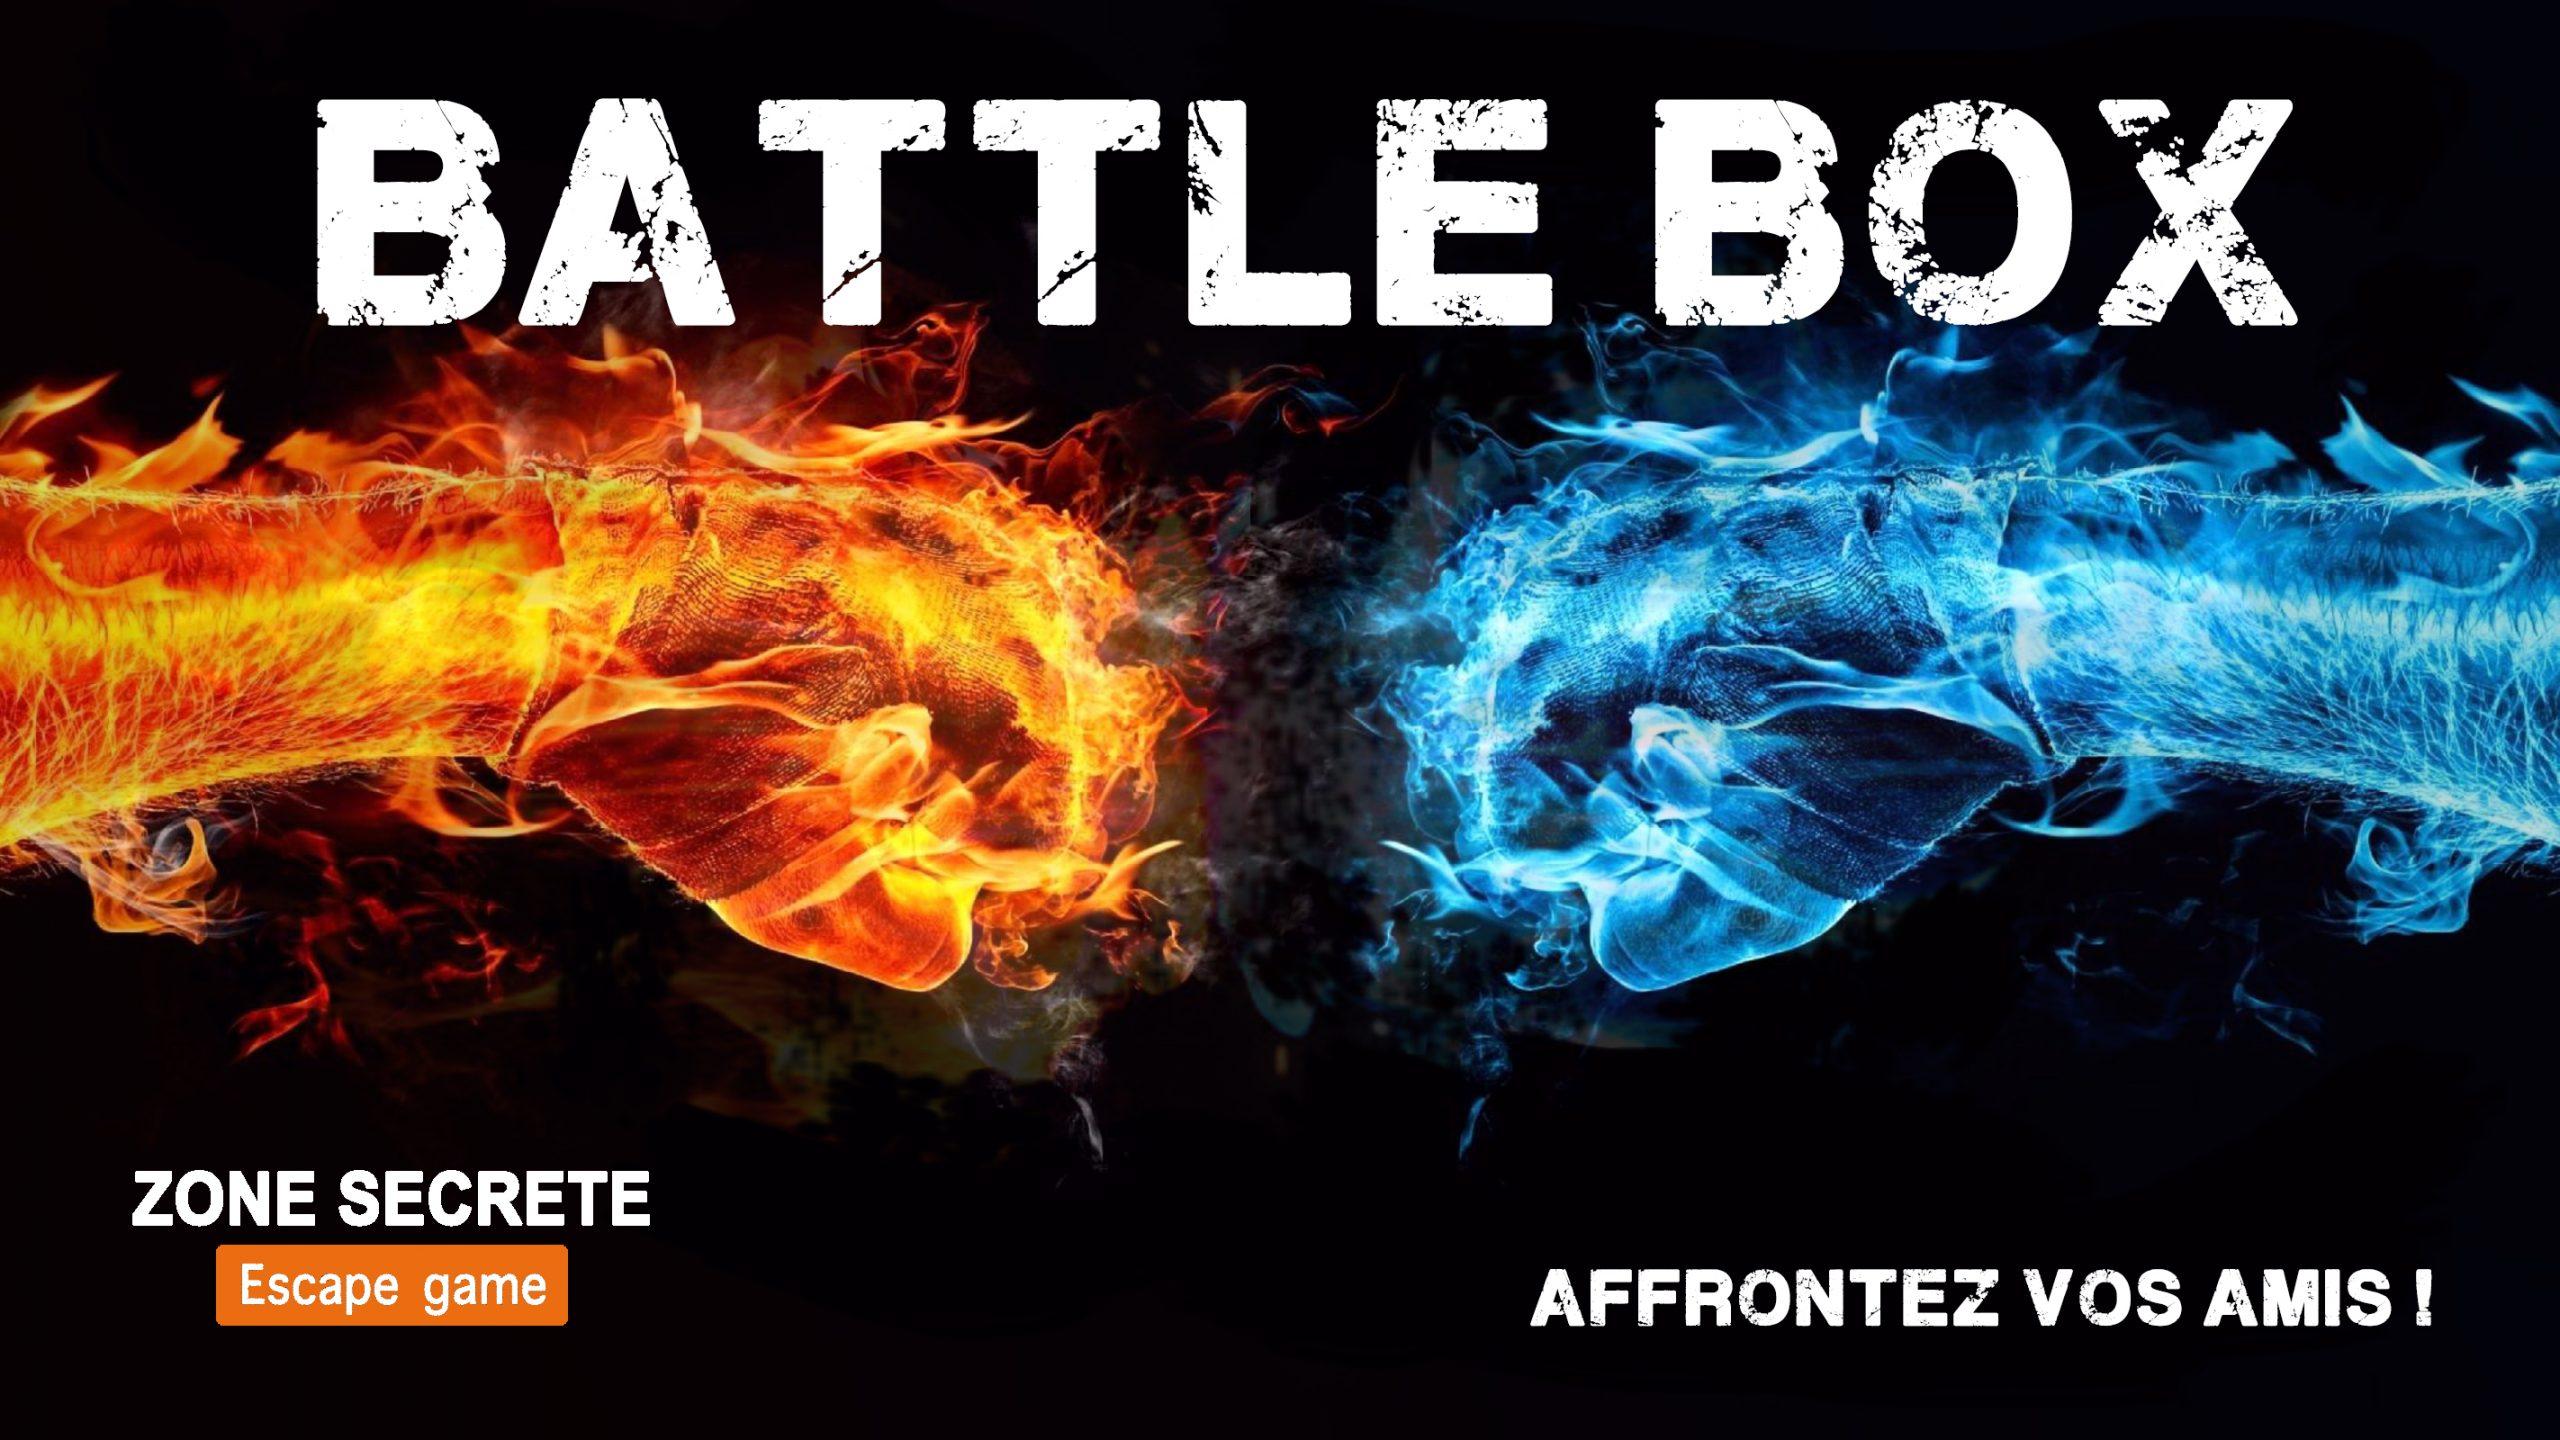 Battlebox inventé par zone secrète.